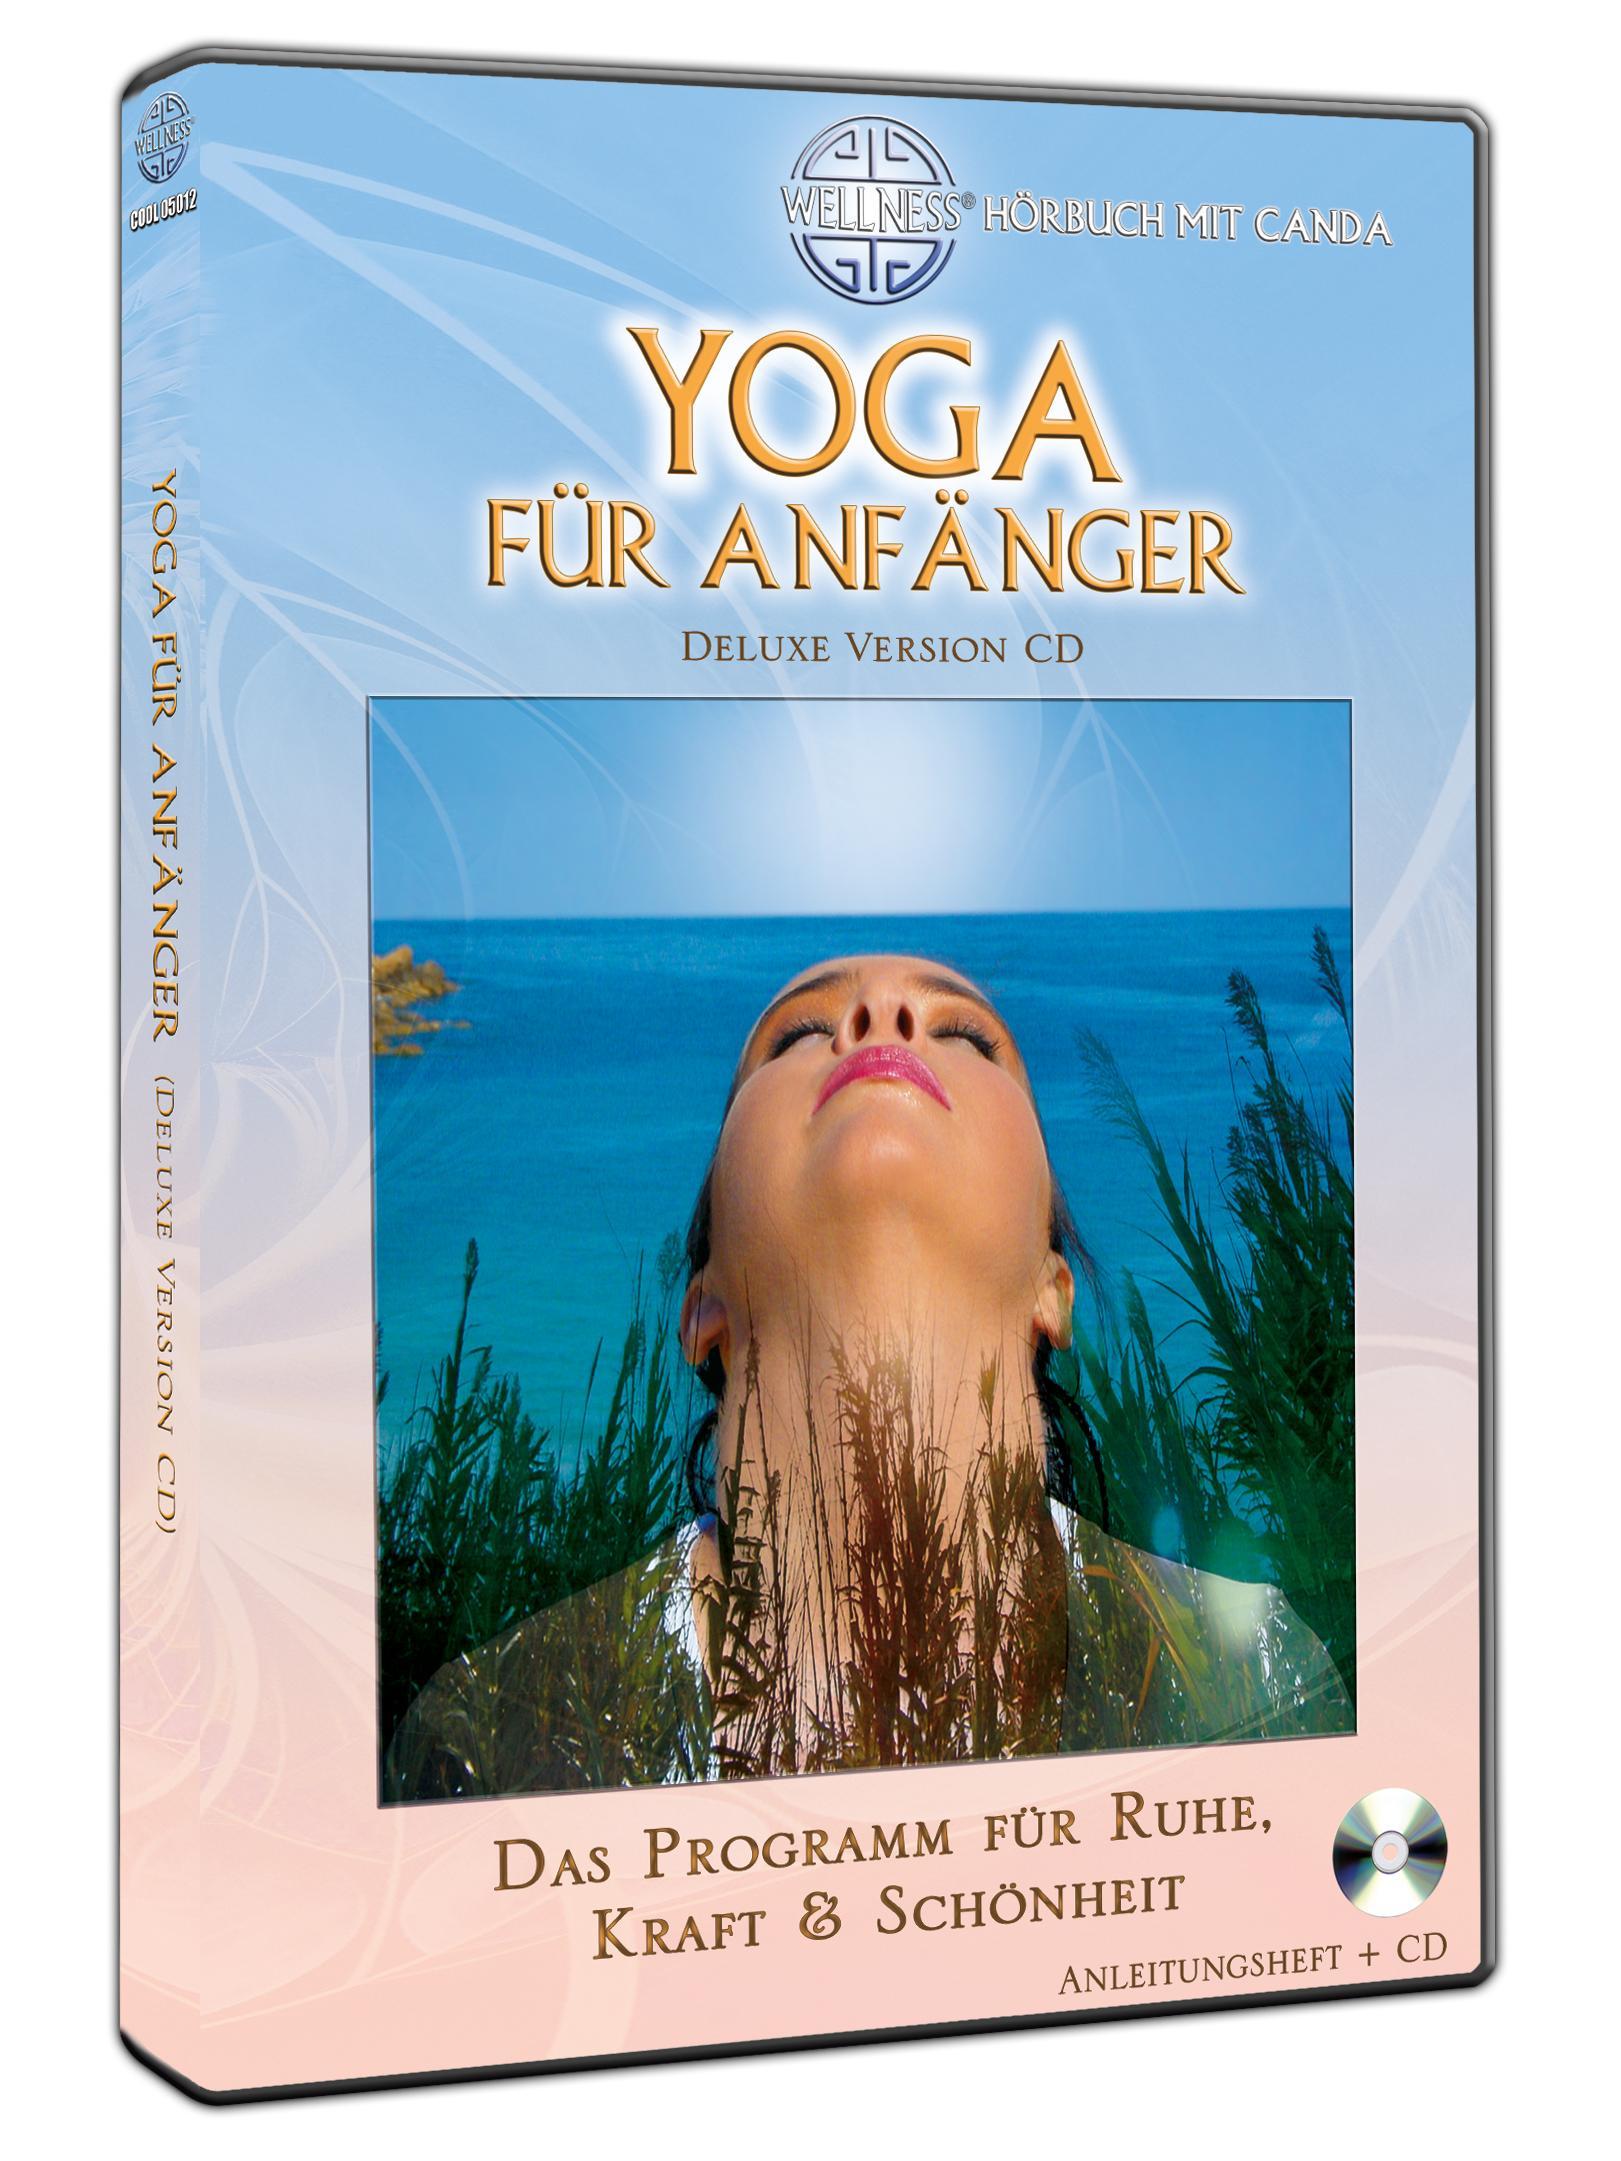 Yoga für Anfänger (Deluxe Version CD) - zum Schließen ins Bild klicken